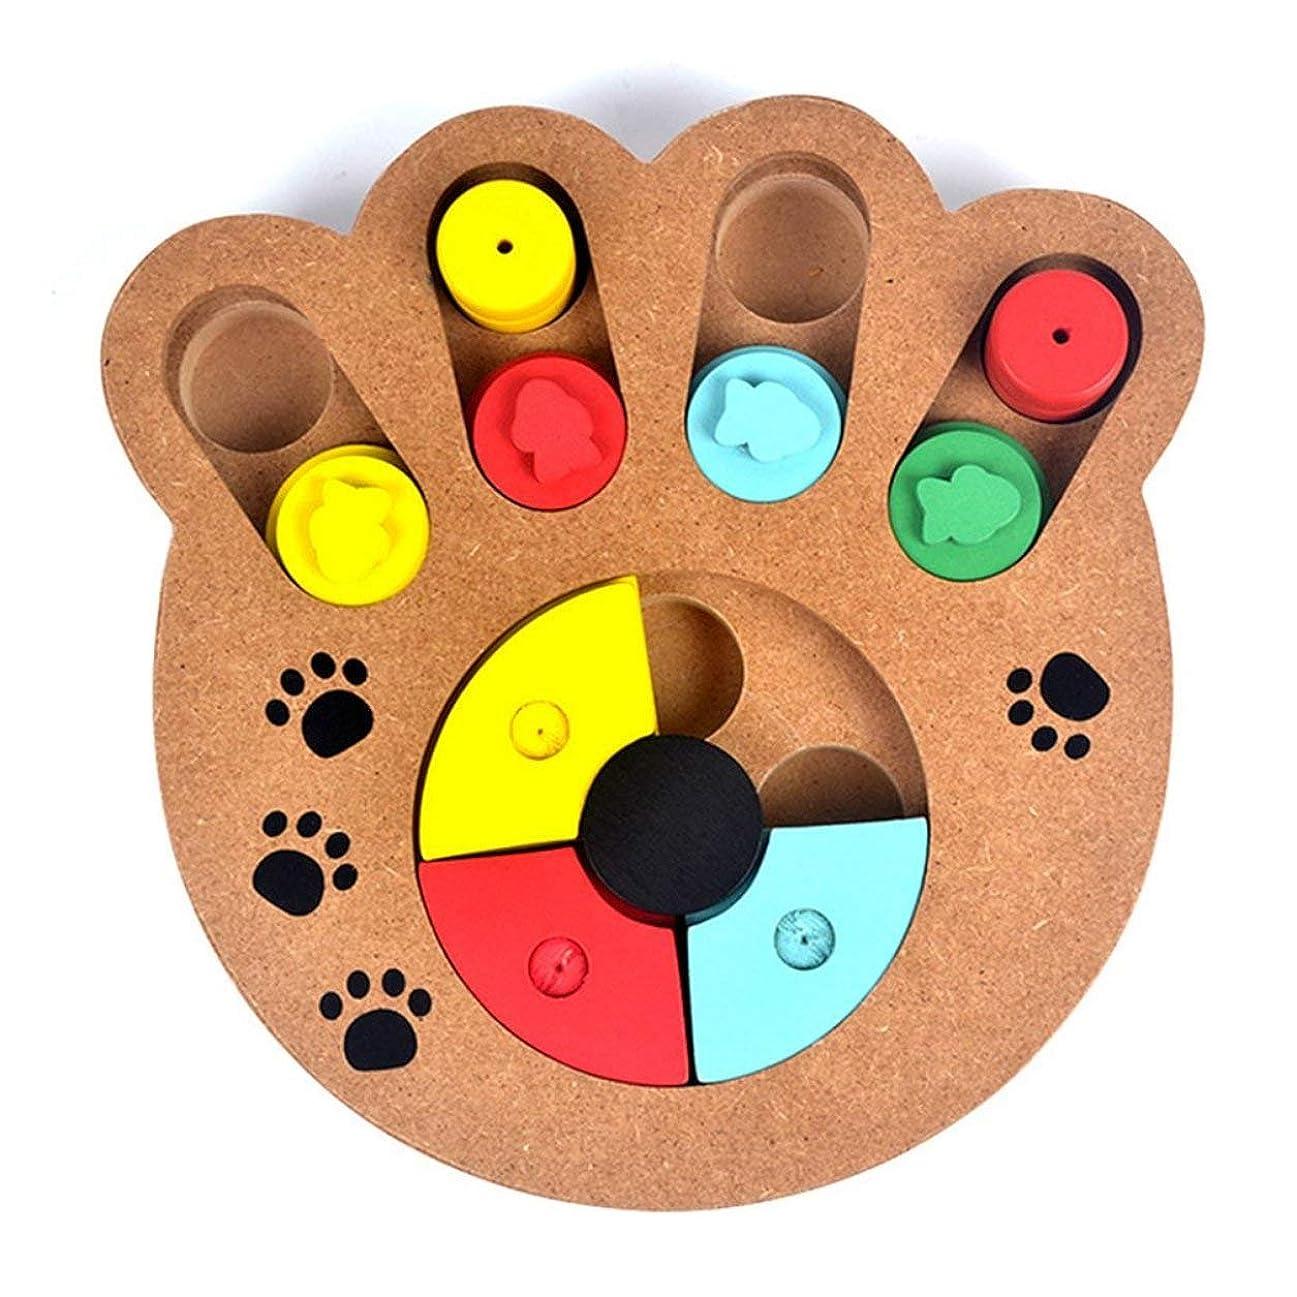 ラッドヤードキップリング同情役に立つSaikogoods 多機能の自然食品は 子犬犬猫ペット用品のための木製教育ポウパズルインタラクティブ玩具扱い マルチカラーミックス